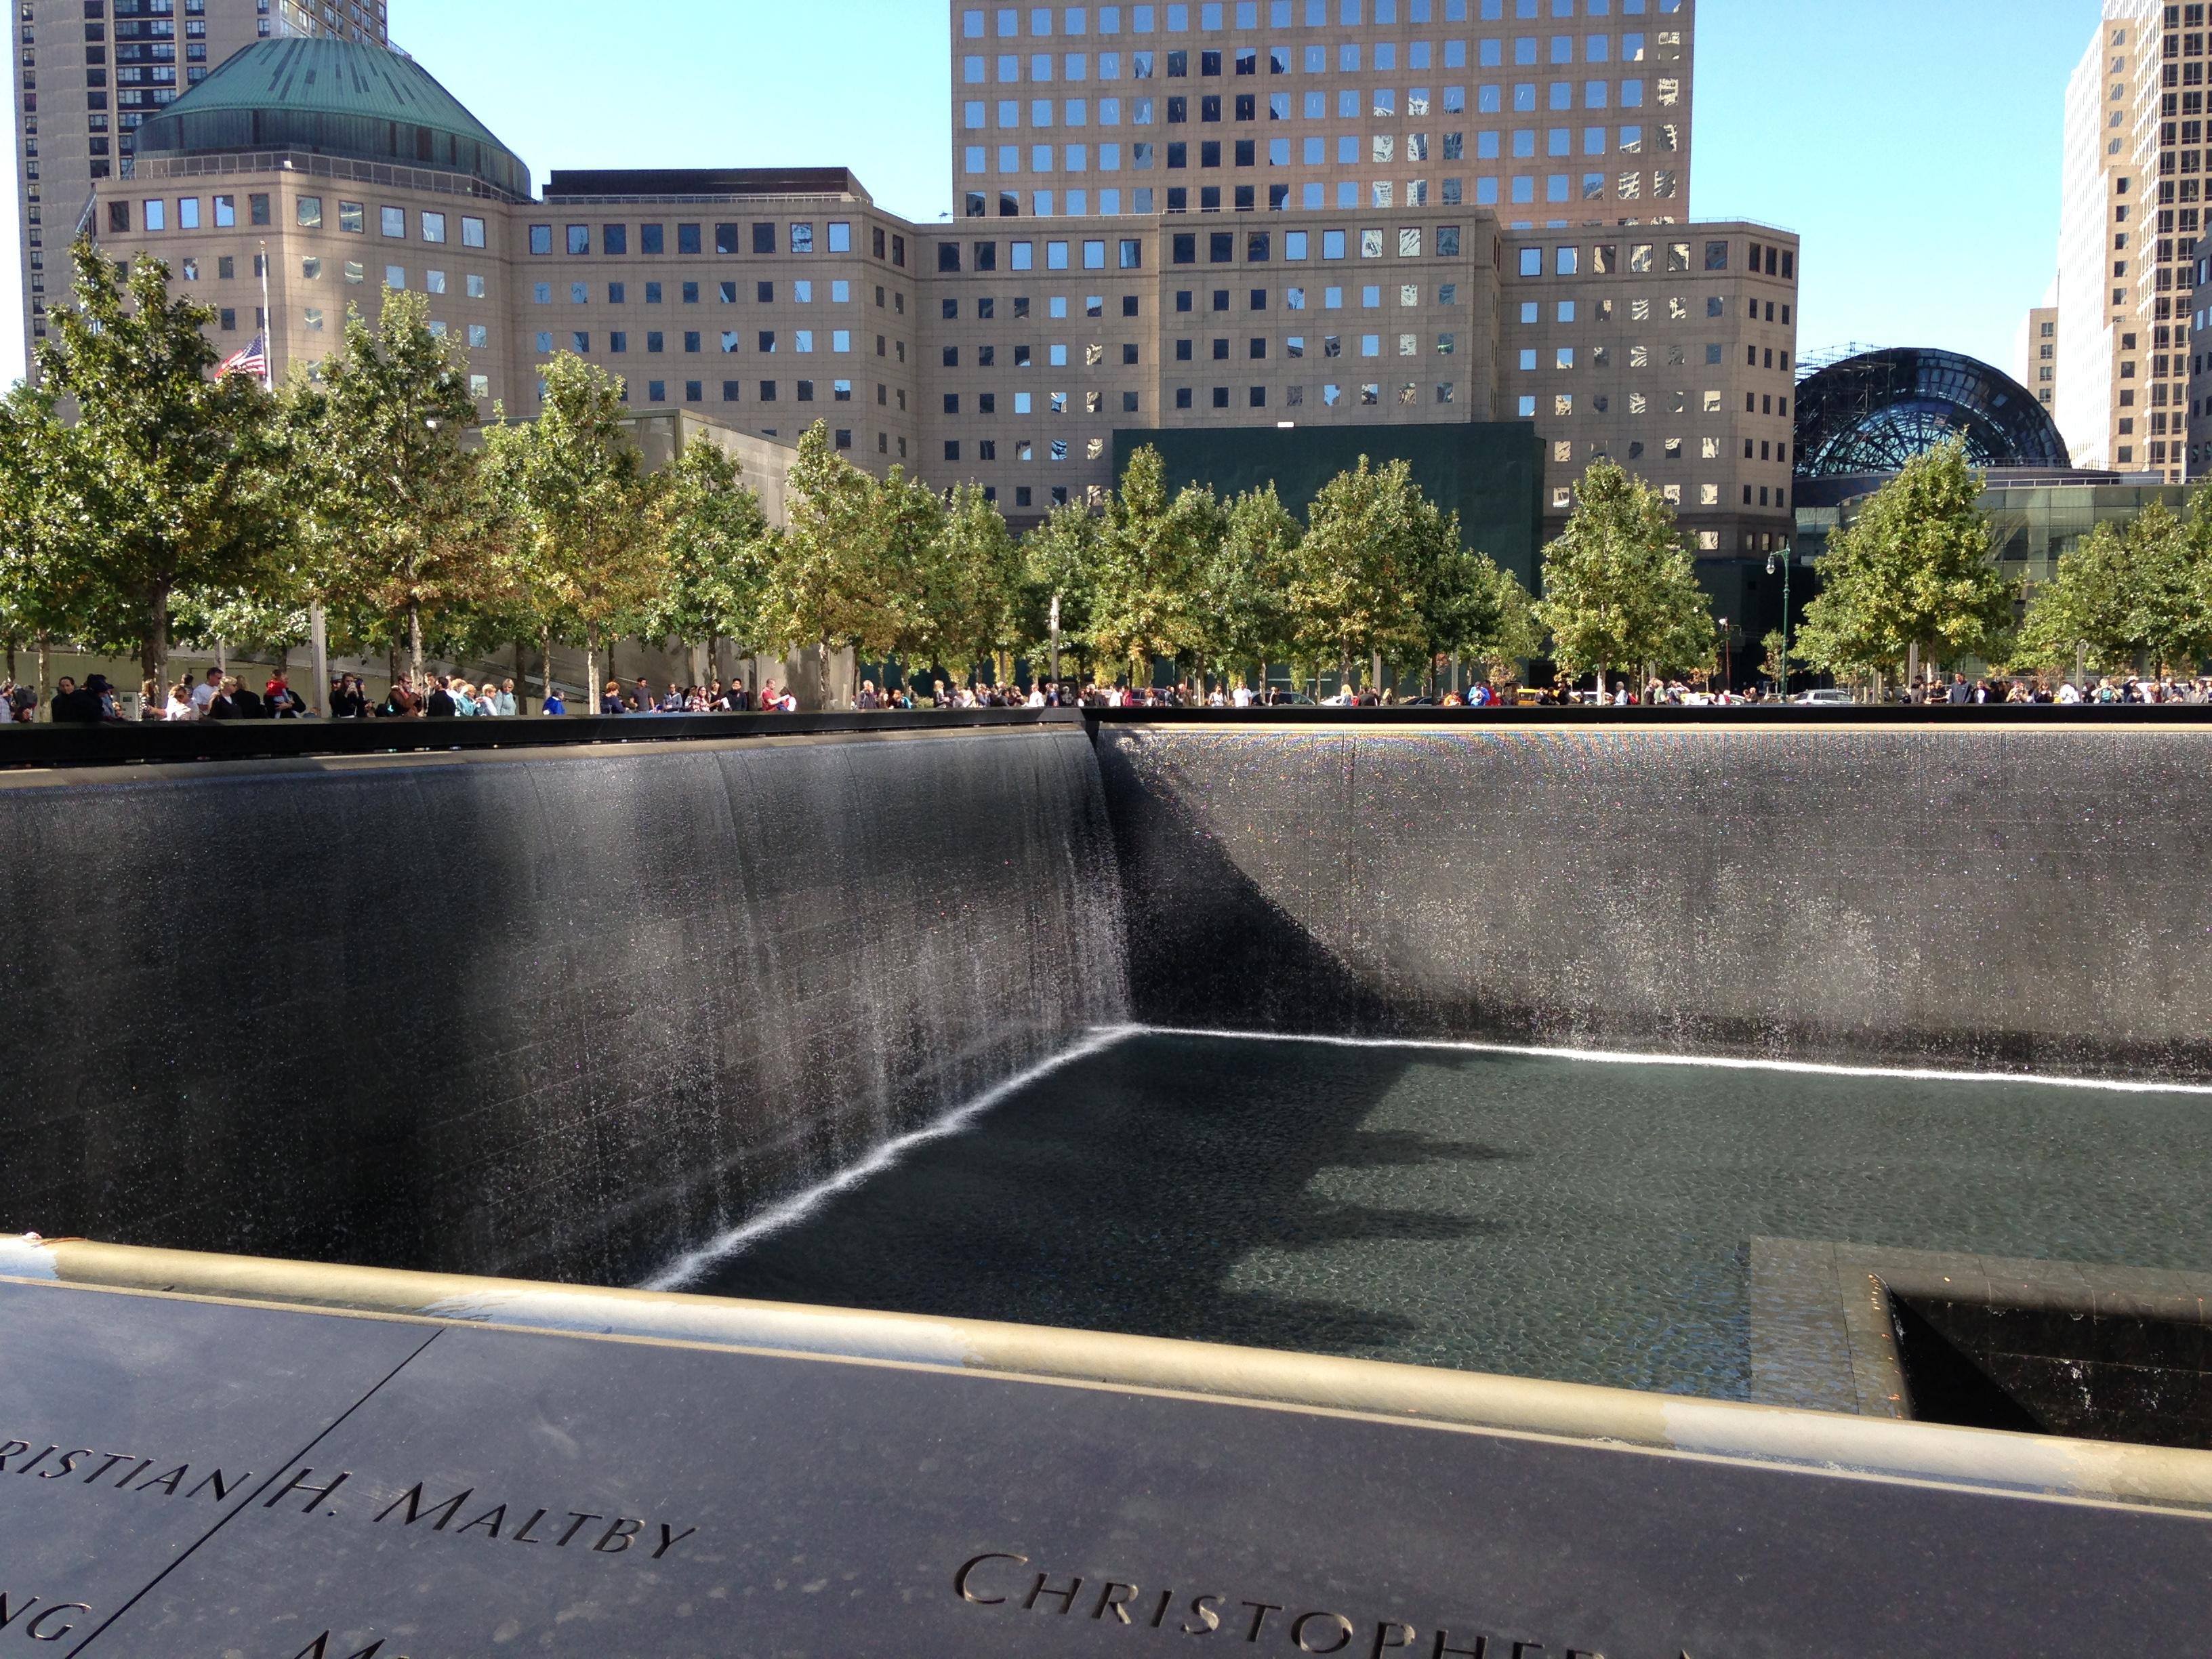 photo essays 9 11